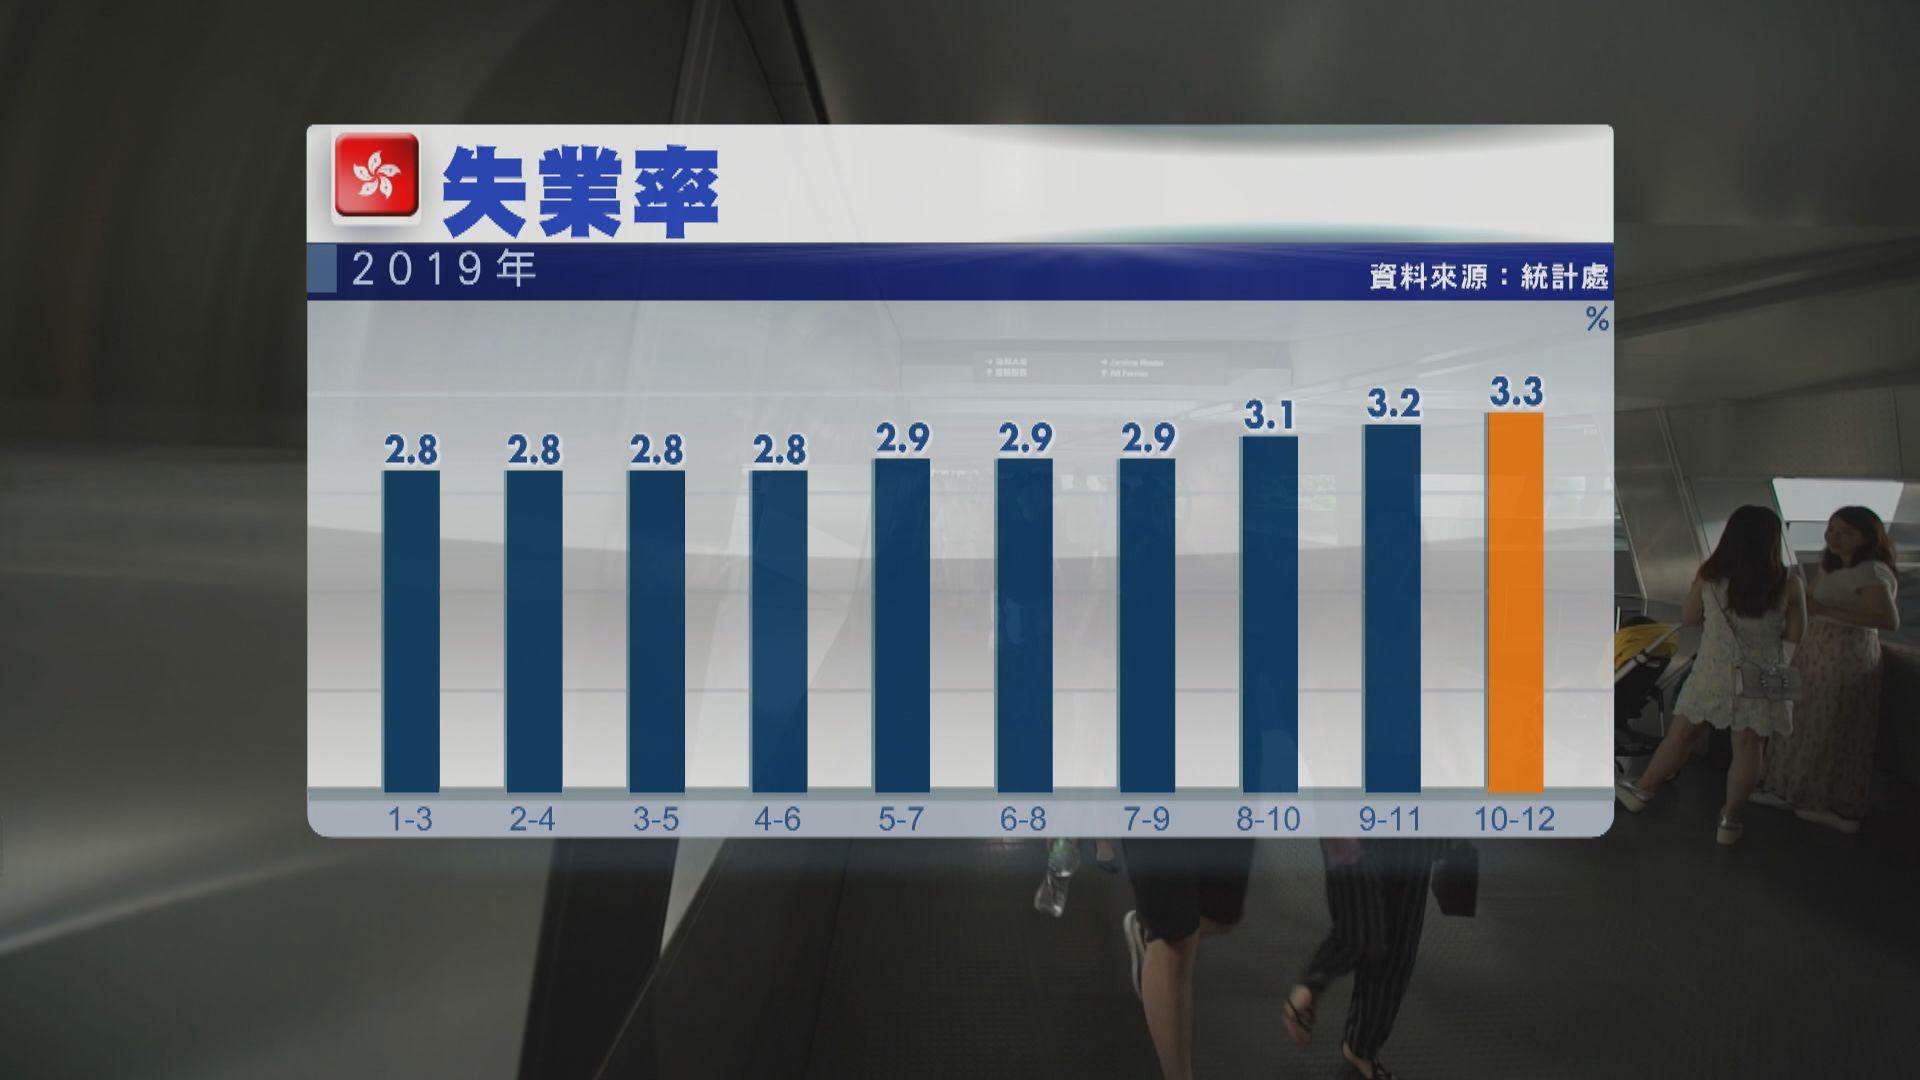 本港最新失業率3.3% 料失業率再大升機會不大